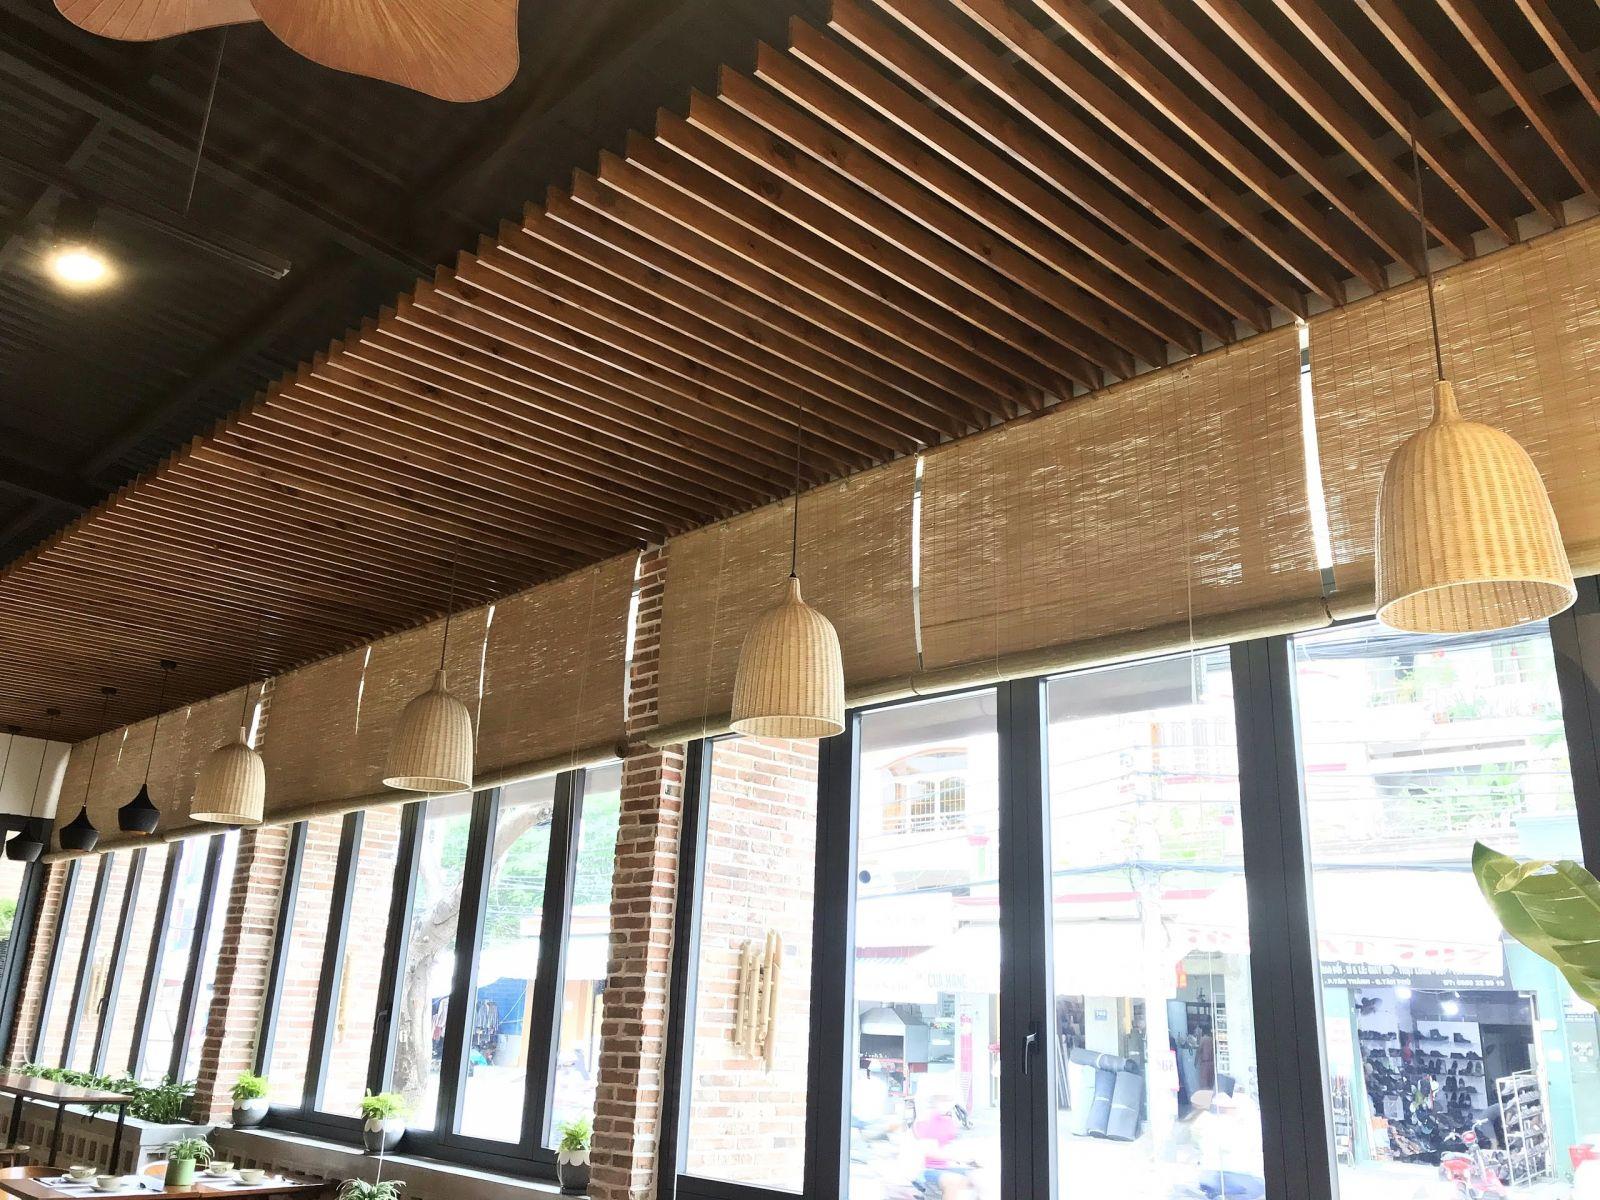 phần trần nhà hàng sử dụng thanh gỗ